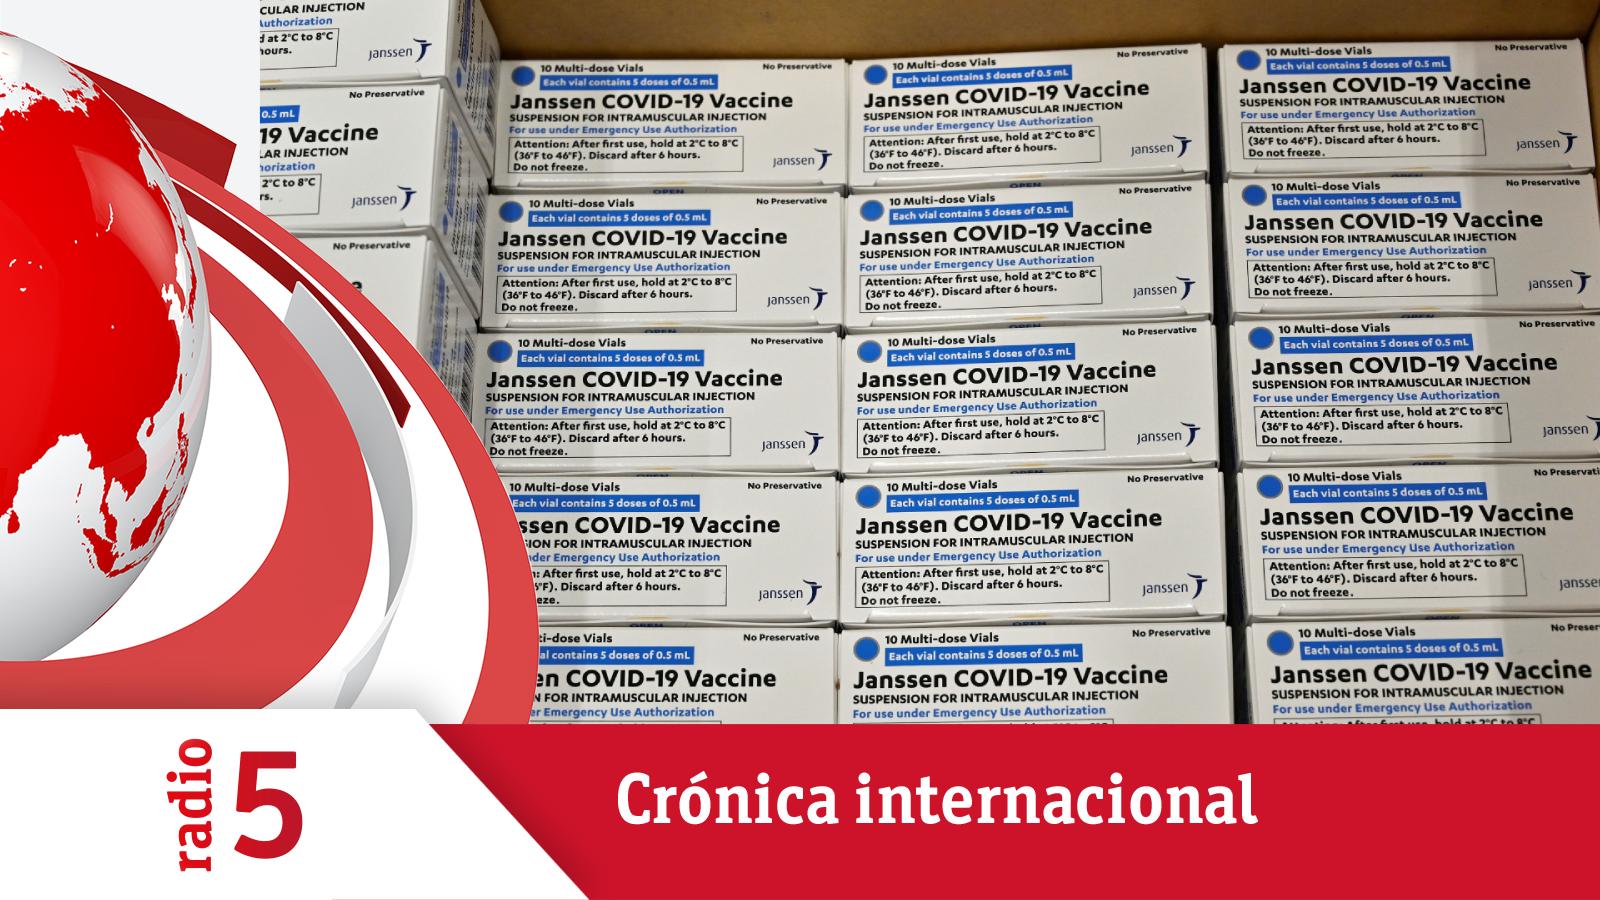 Crónica internacional - EEUU ya tiene la vacuna de J&J - Escuchar ahora